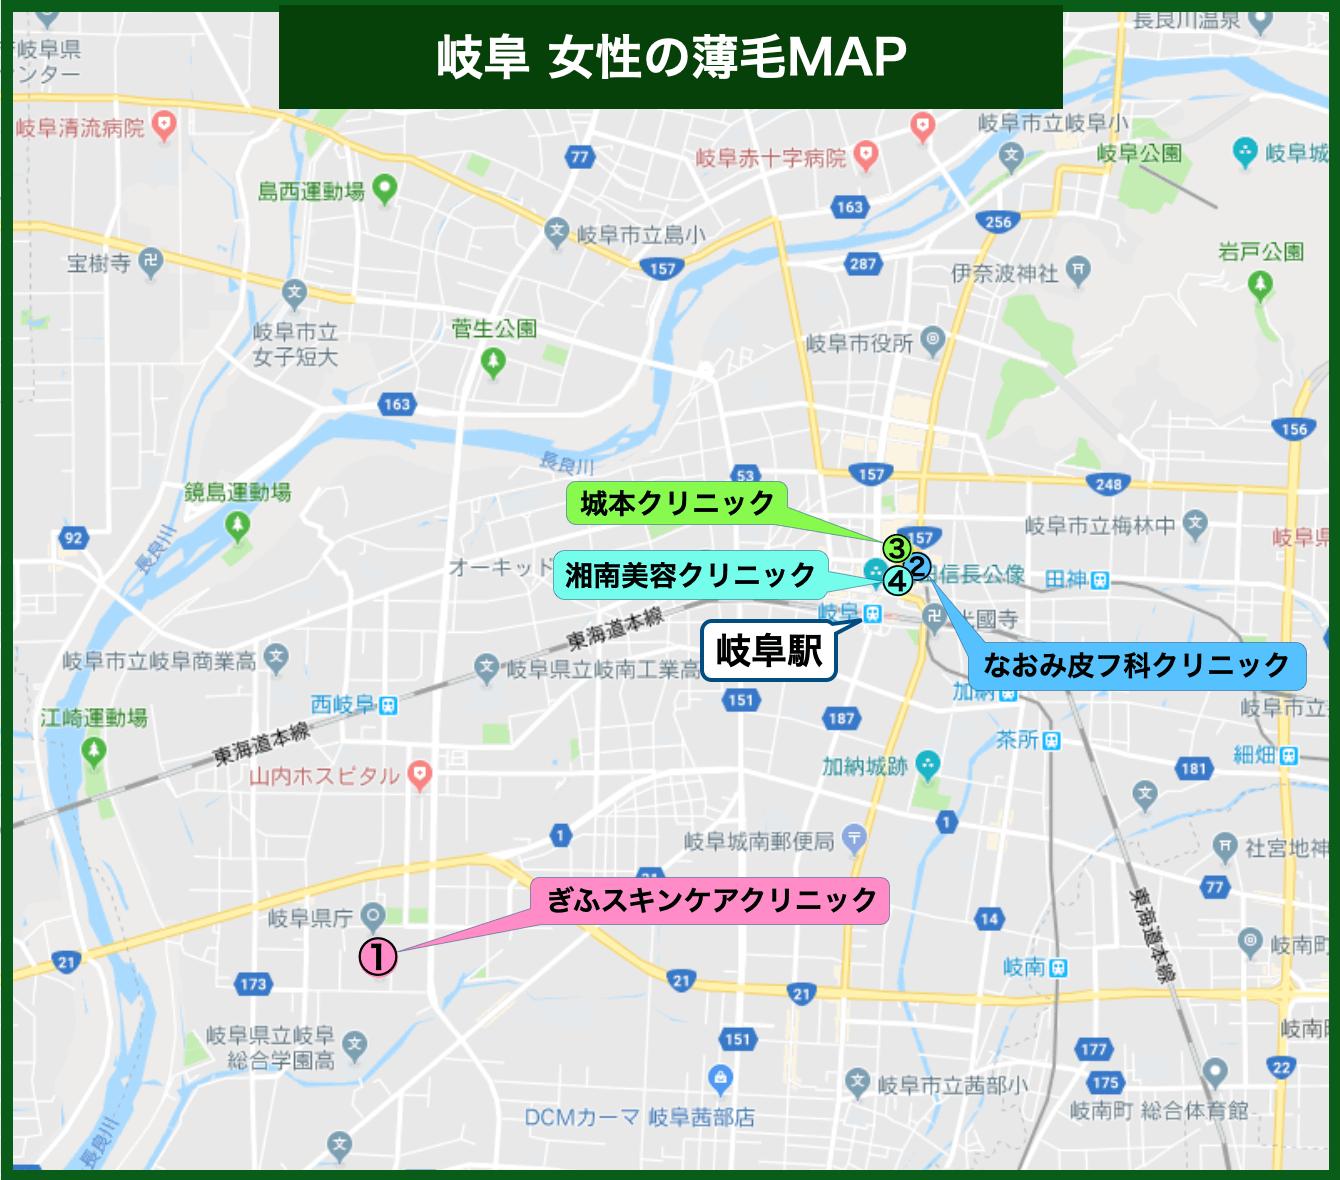 岐阜 女性の薄毛MAP